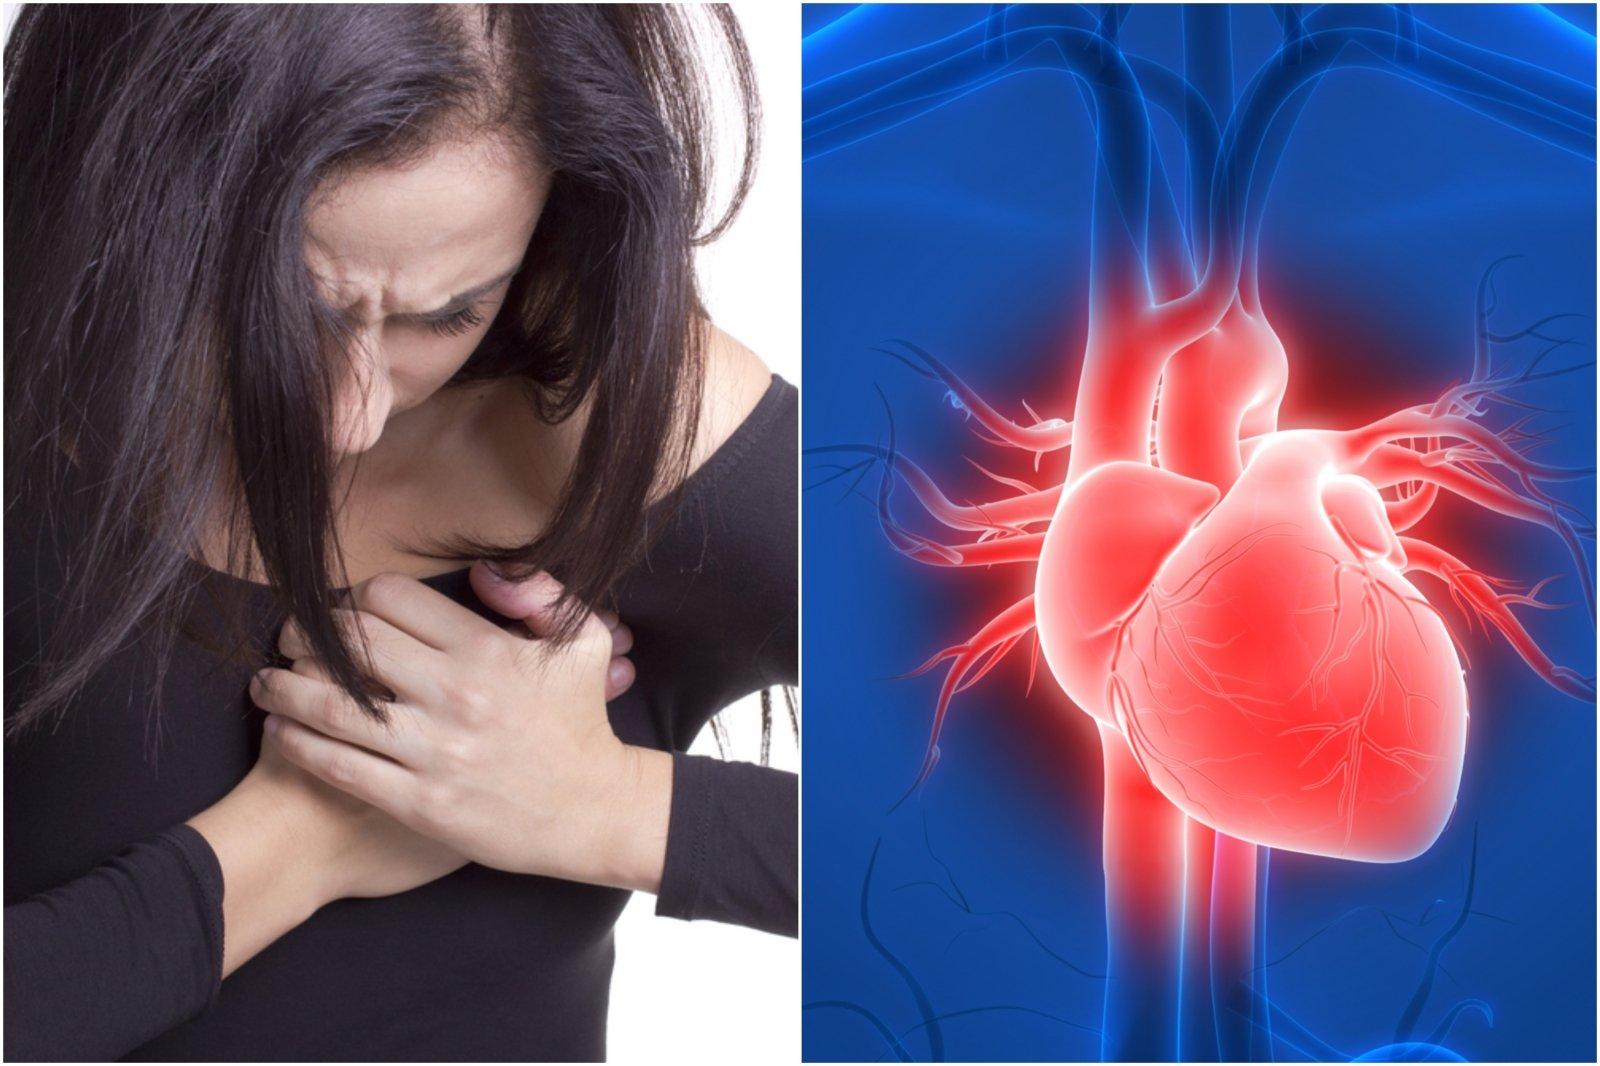 Nuovargis ir dusulys perspėja apie rimtą pavojų: širdies vožtuvų ydos – lyg tiksinti bomba - DELFI